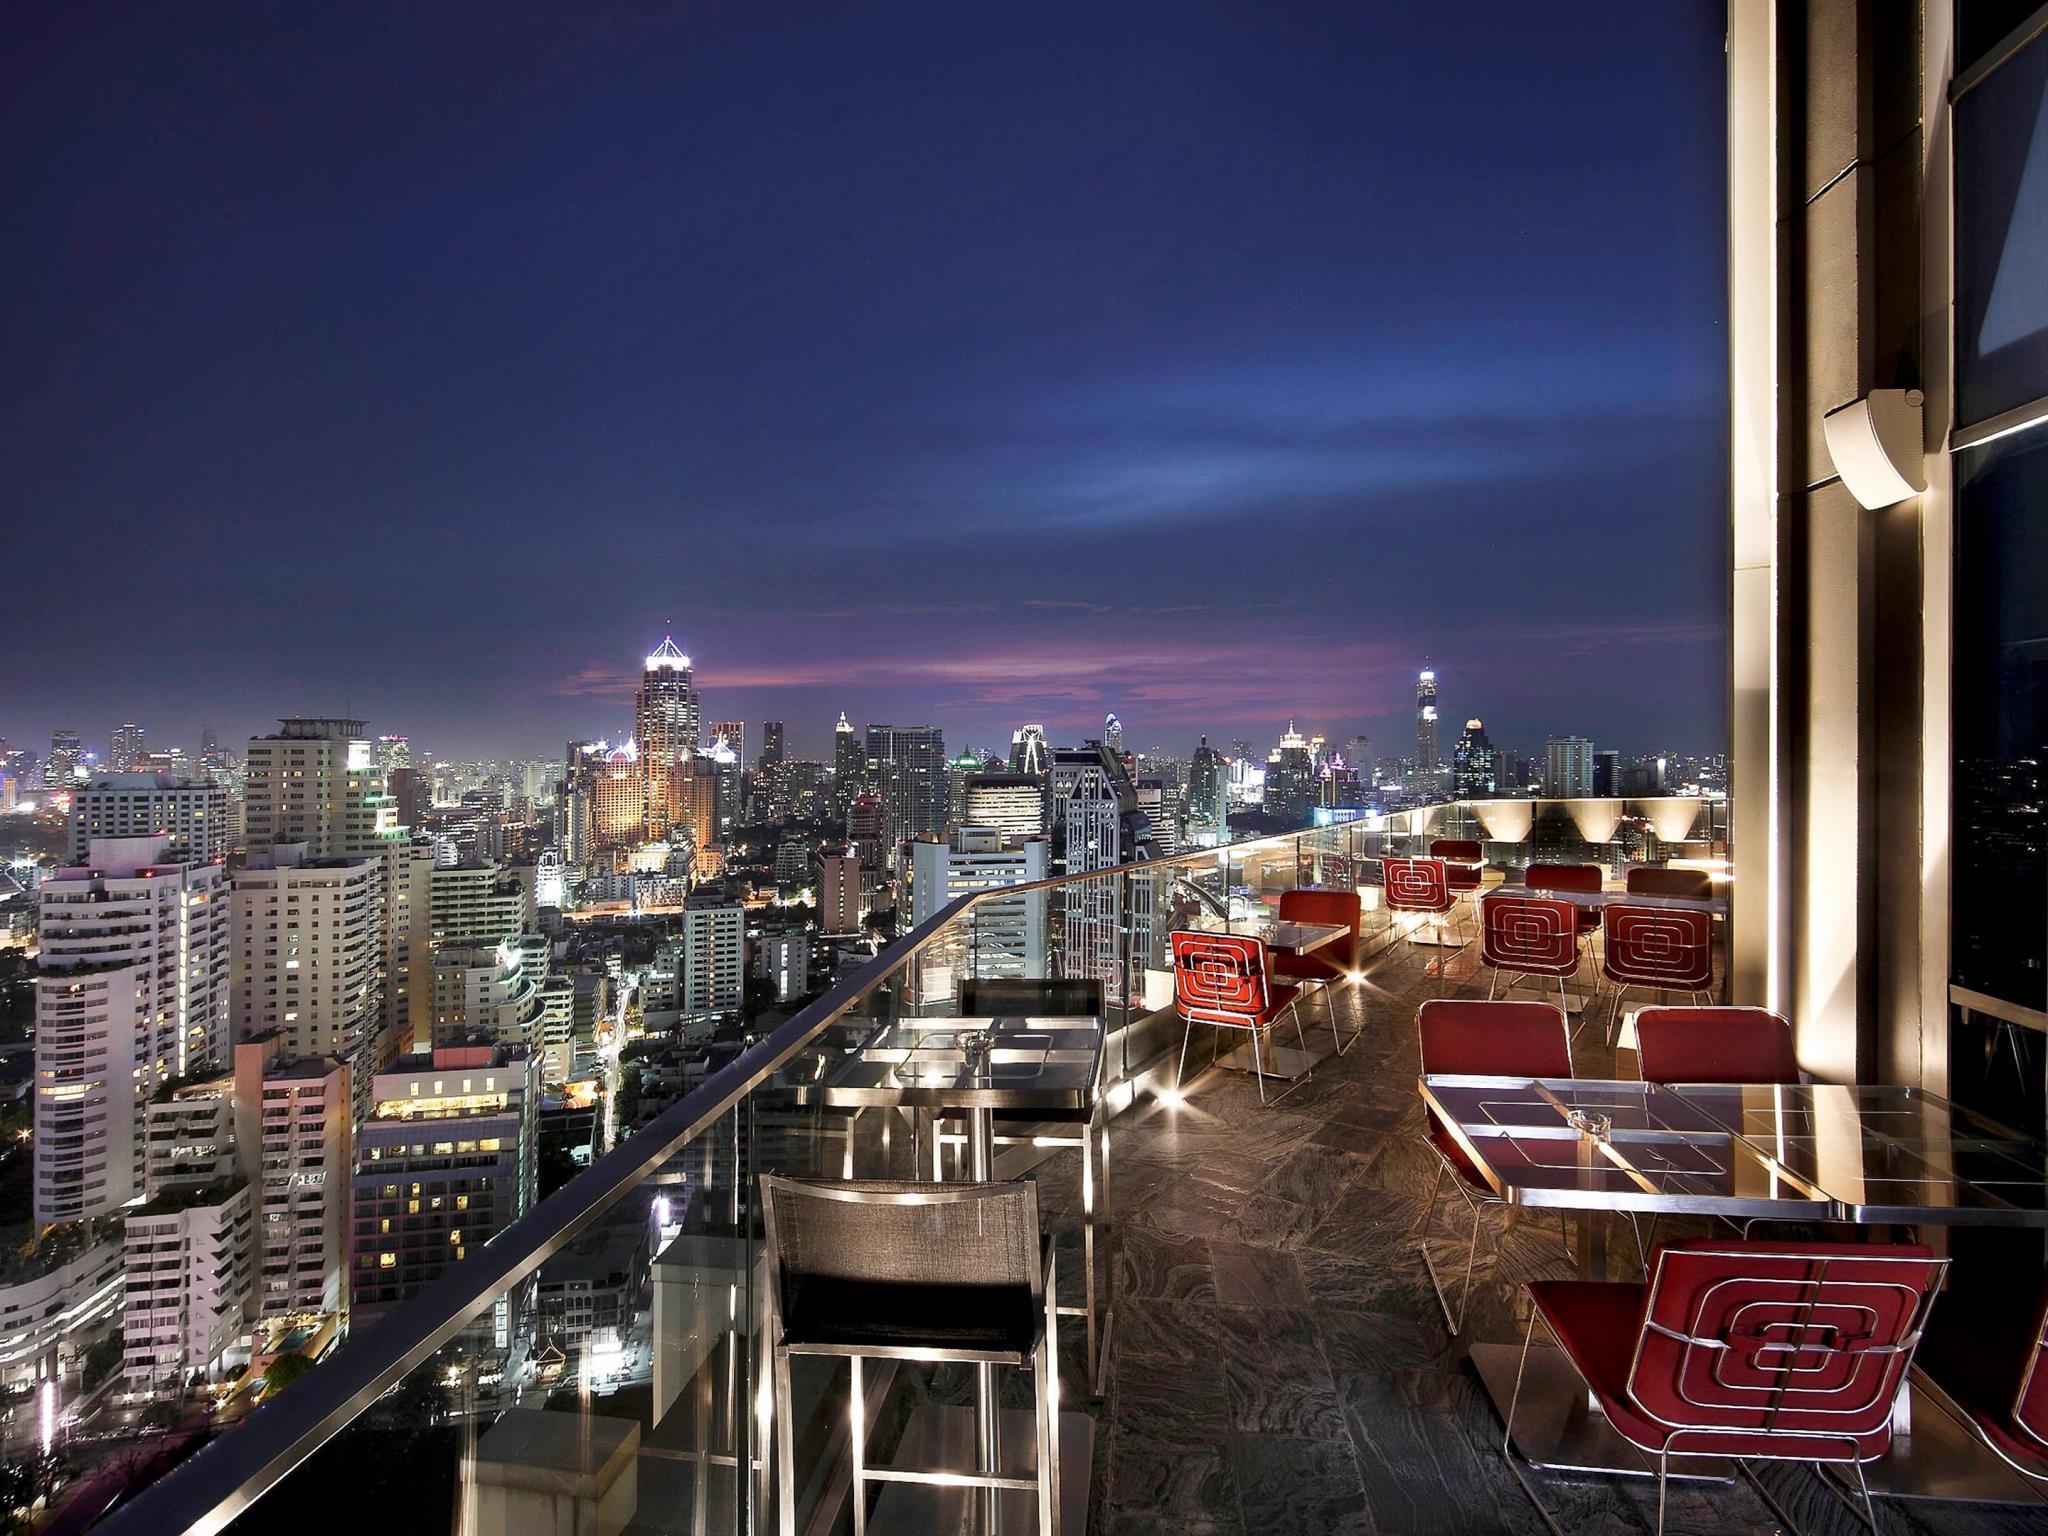 โรงแรมโซฟิเทล กรุงเทพ สุขุมวิท